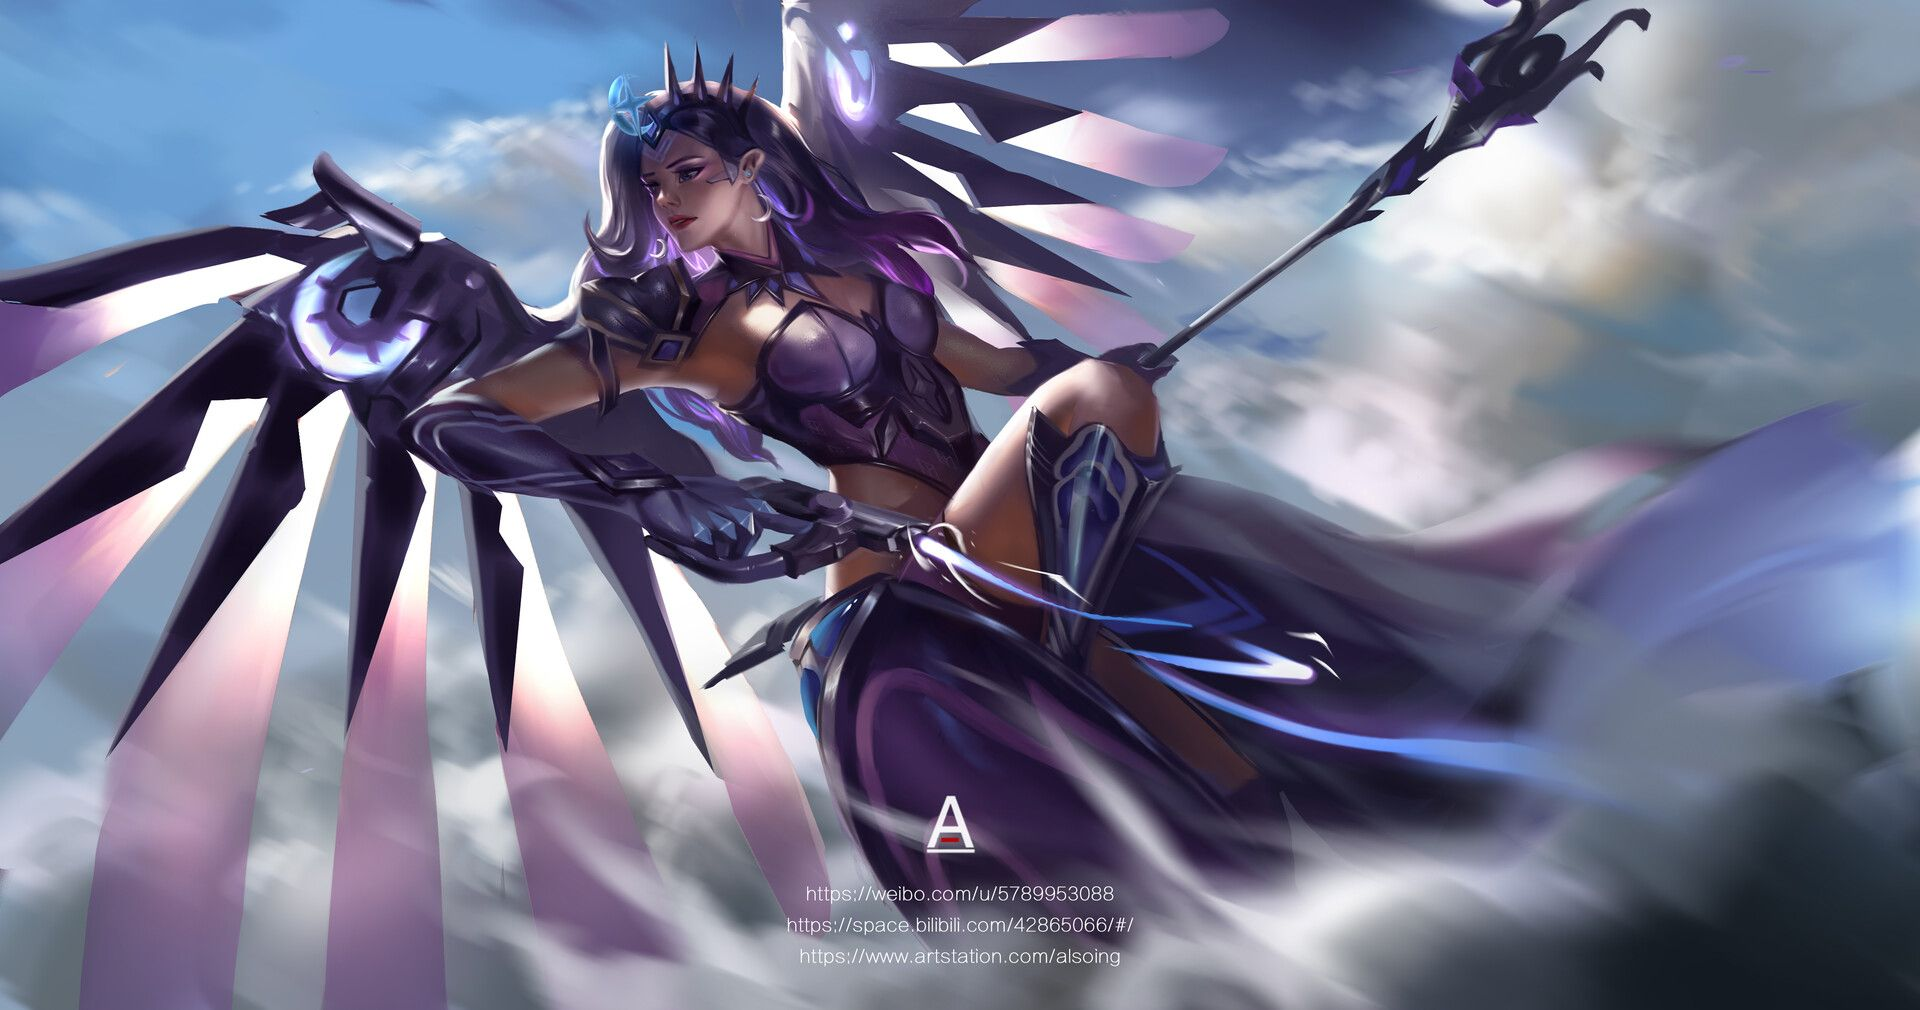 Mercy Overwatch Wallpaper 76 Background Images Hd Newhomedecors Izobrazheniya Neba Angel Dizajn Personazhej